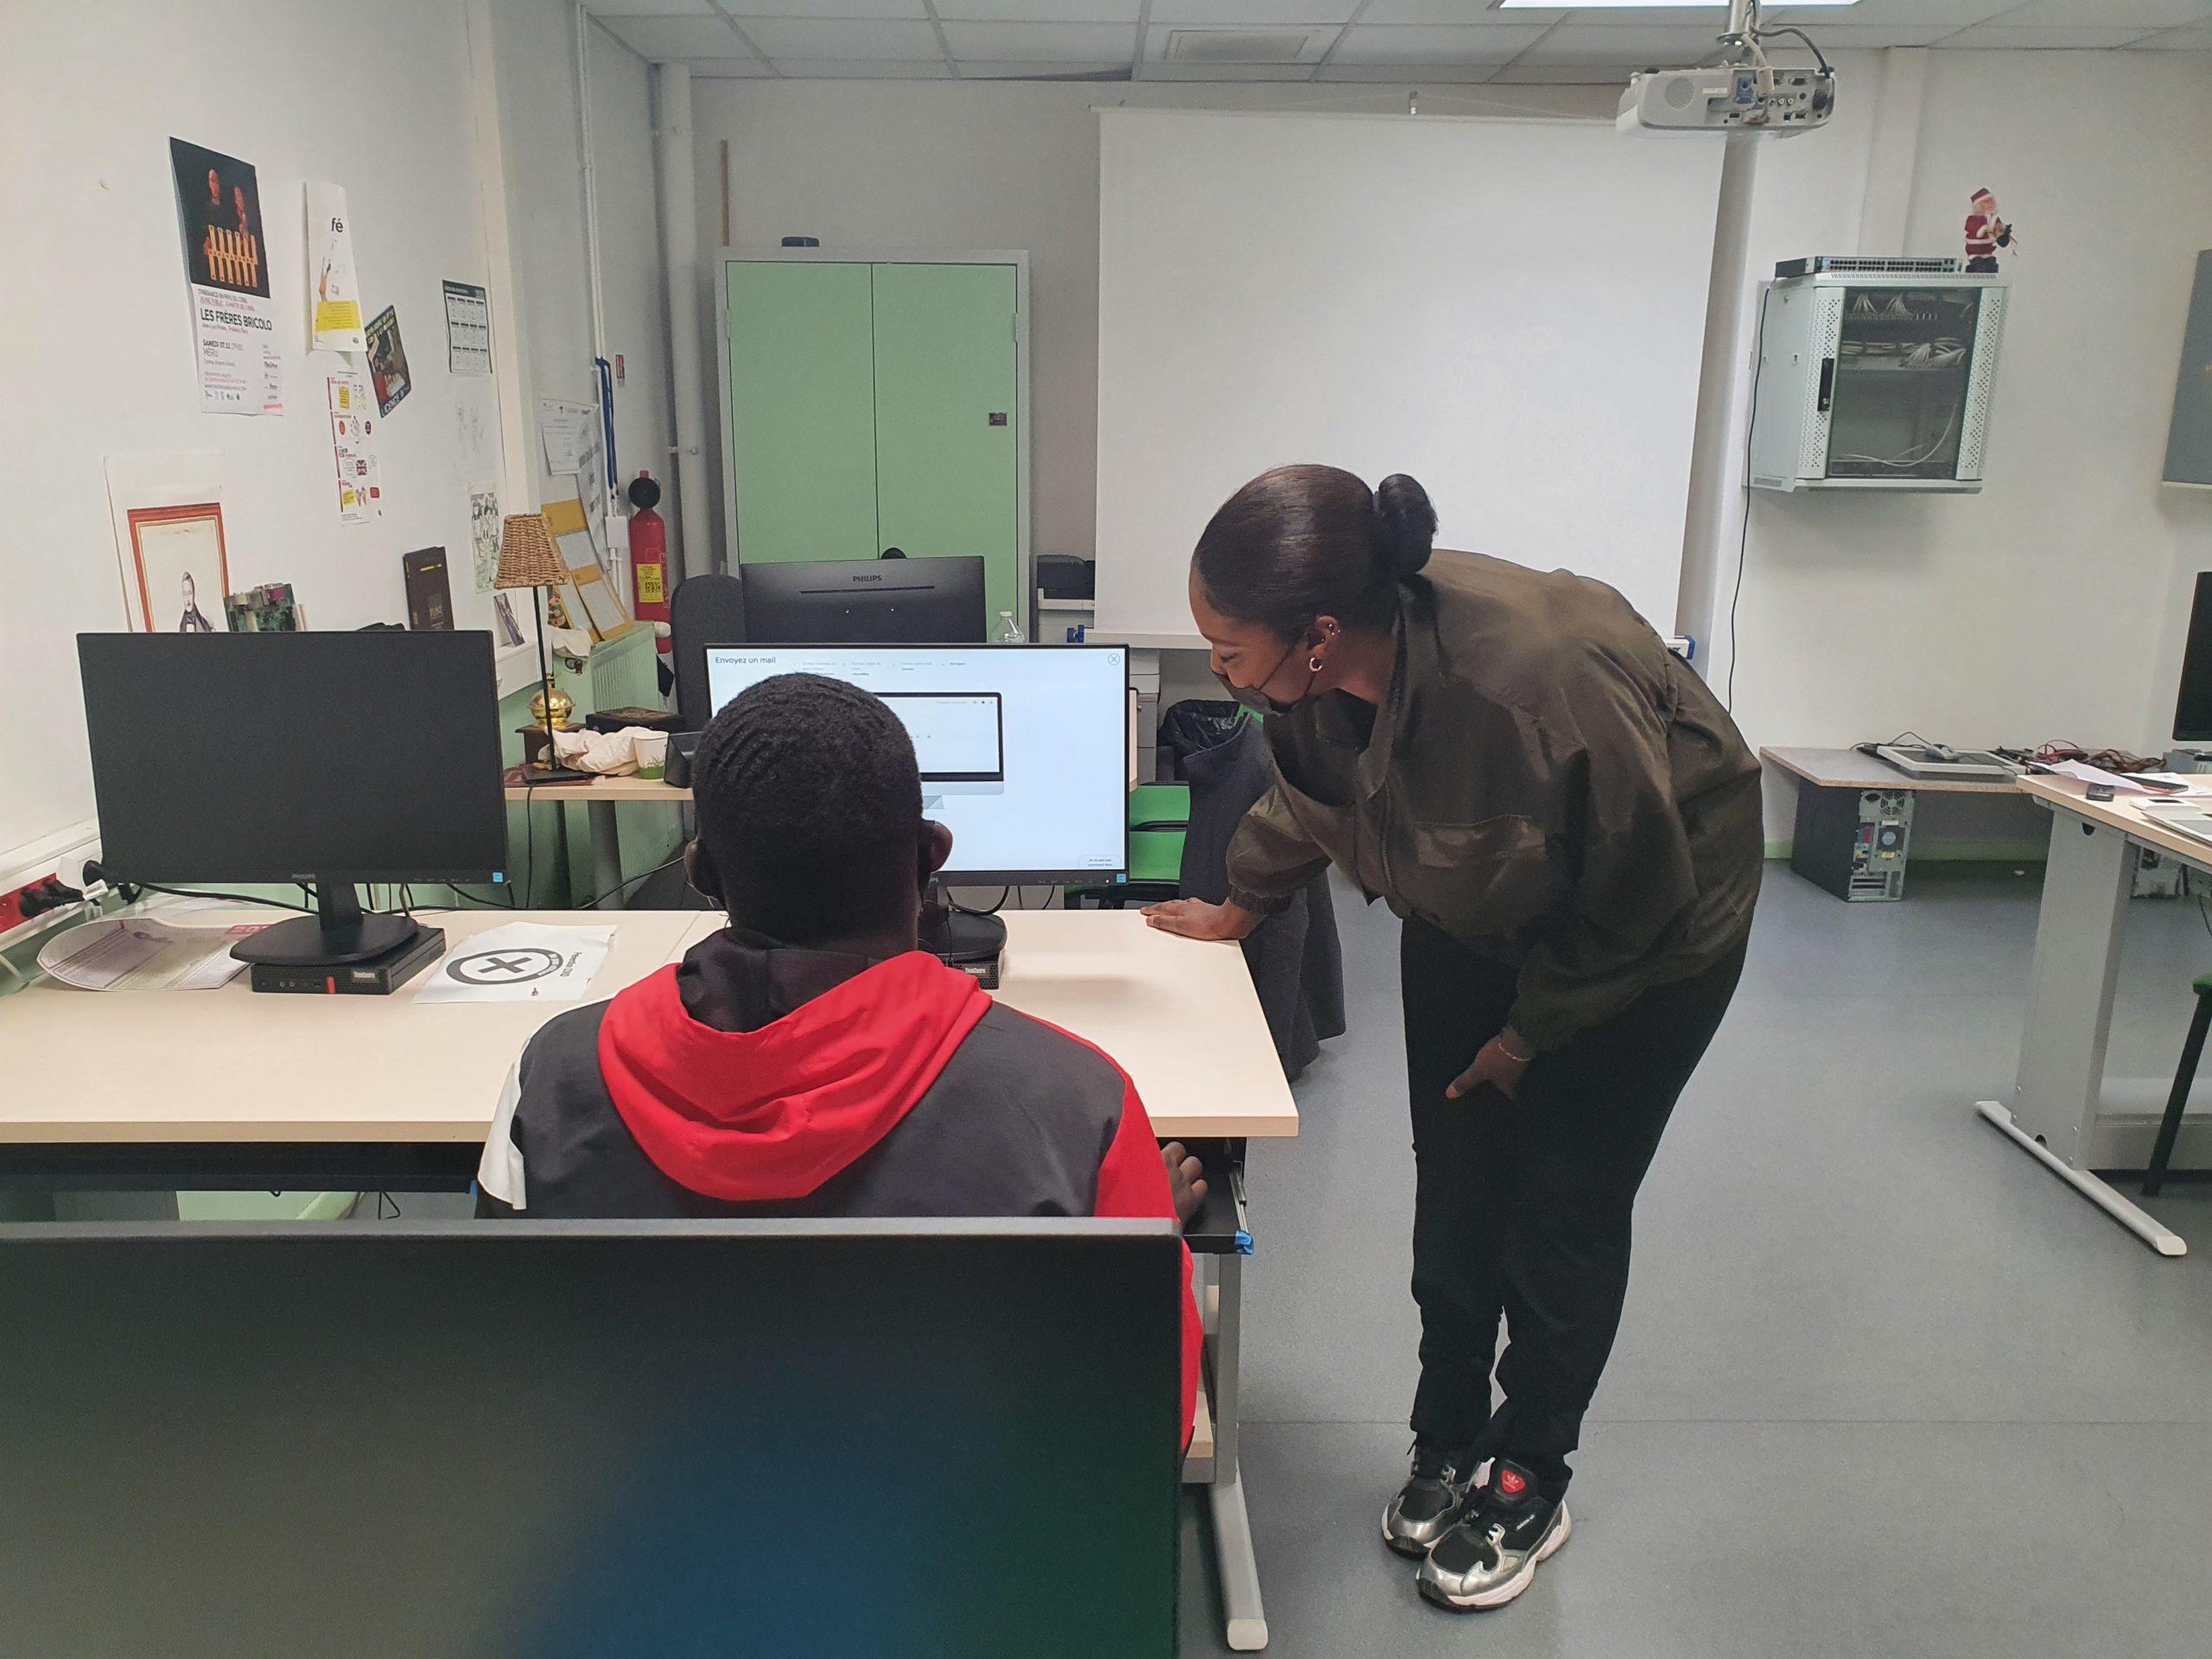 Une éducatrice explique à un jeune l'utilisation d'un ordinateur